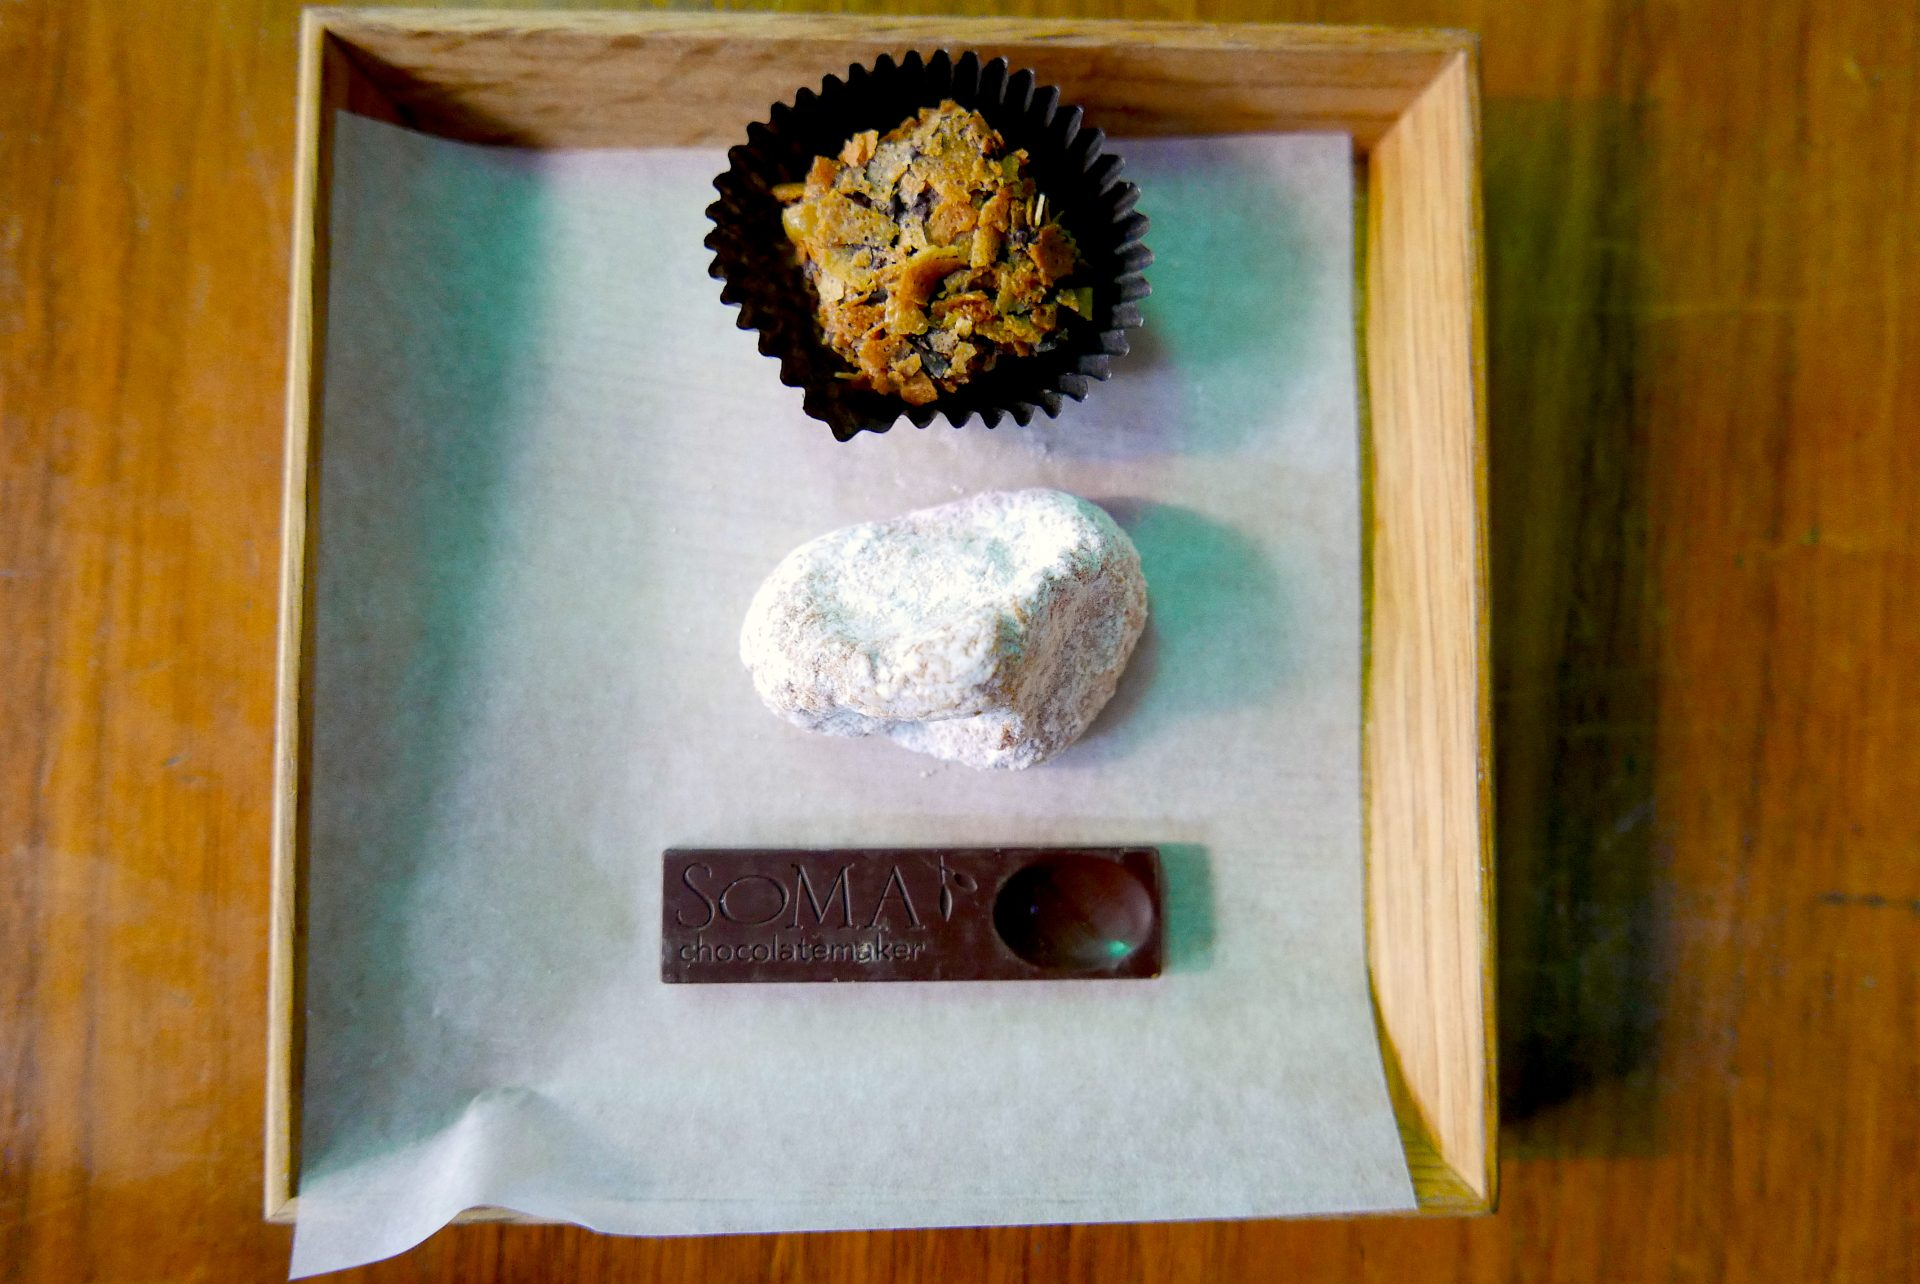 Degustação no Soma Chocolatemaker